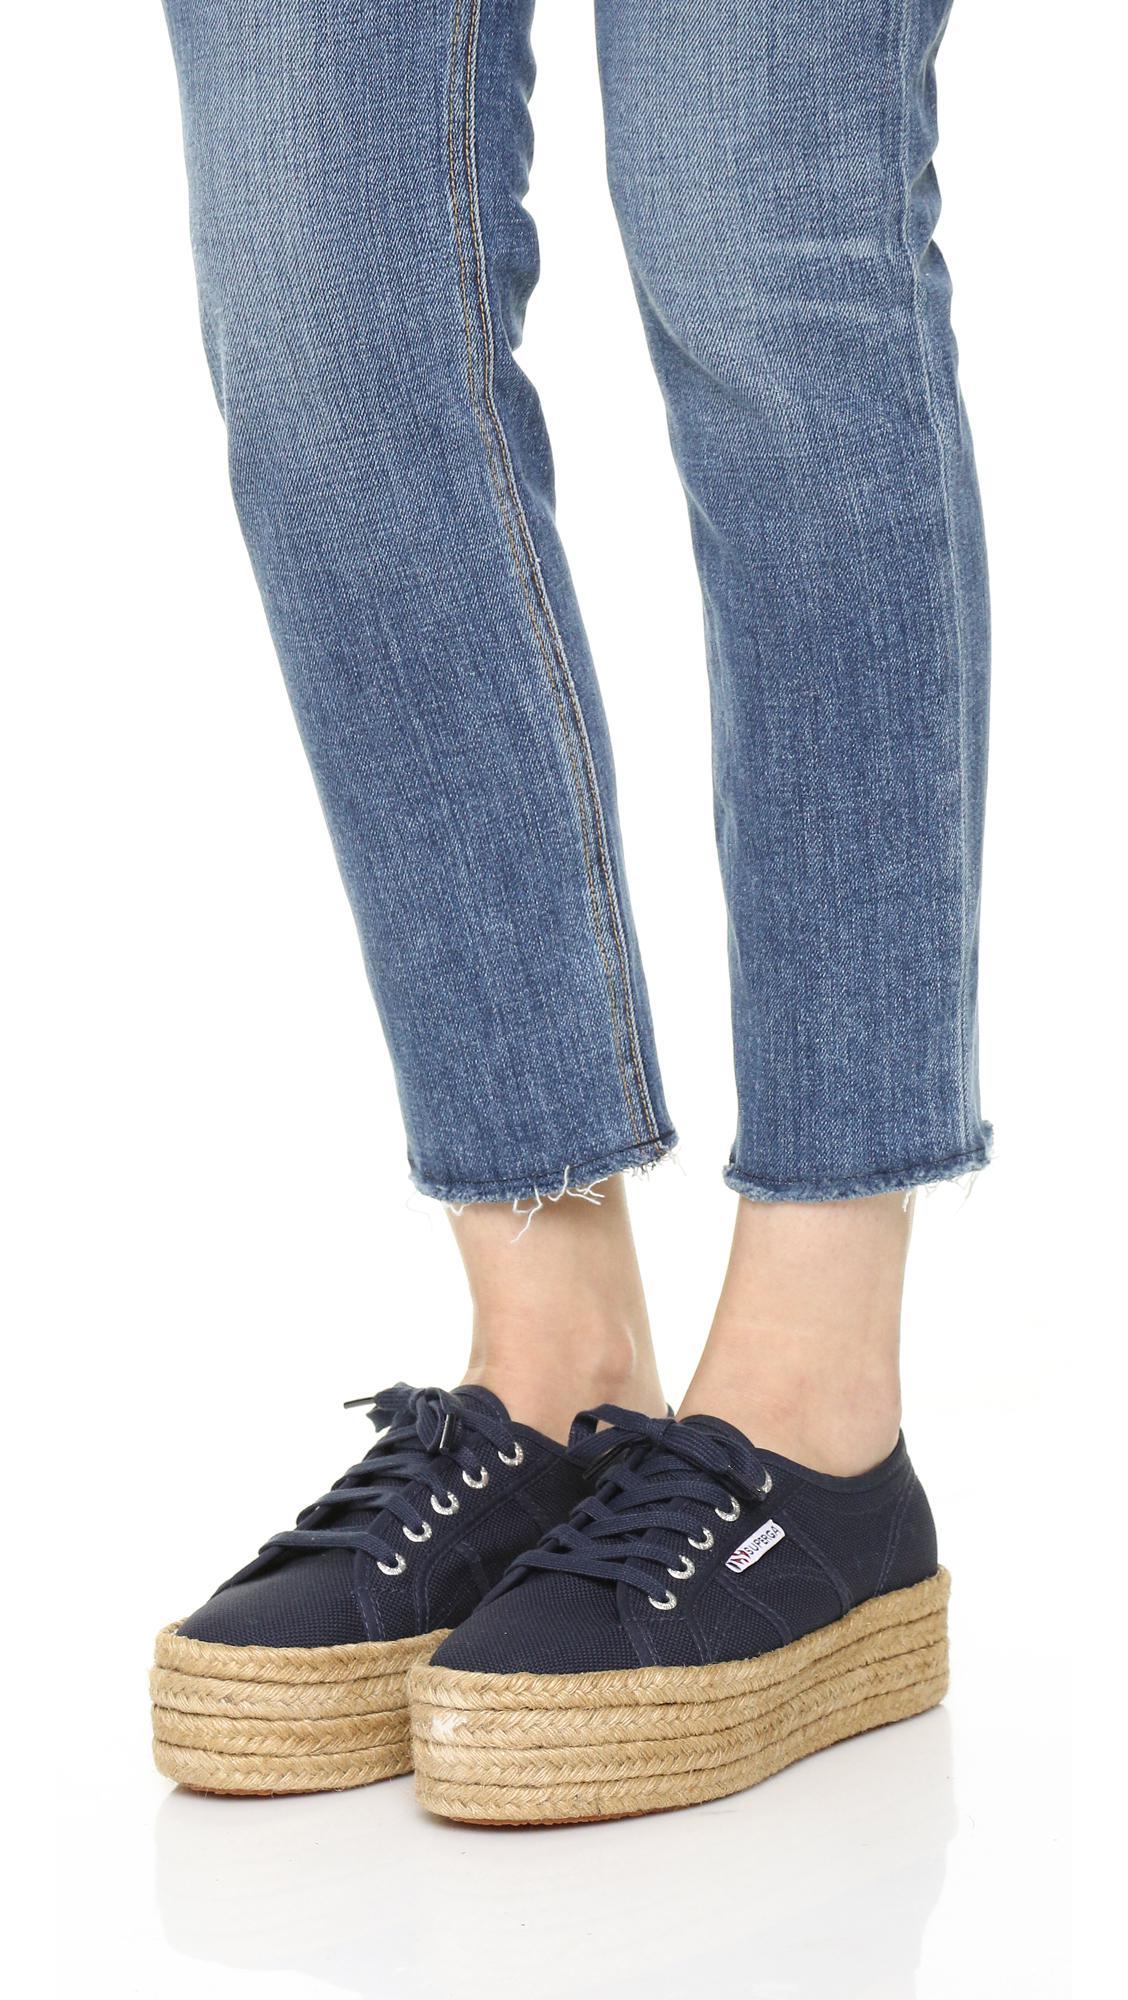 9c08c025106 Lyst - Superga 2790 Platform Espadrille Sneakers in Blue